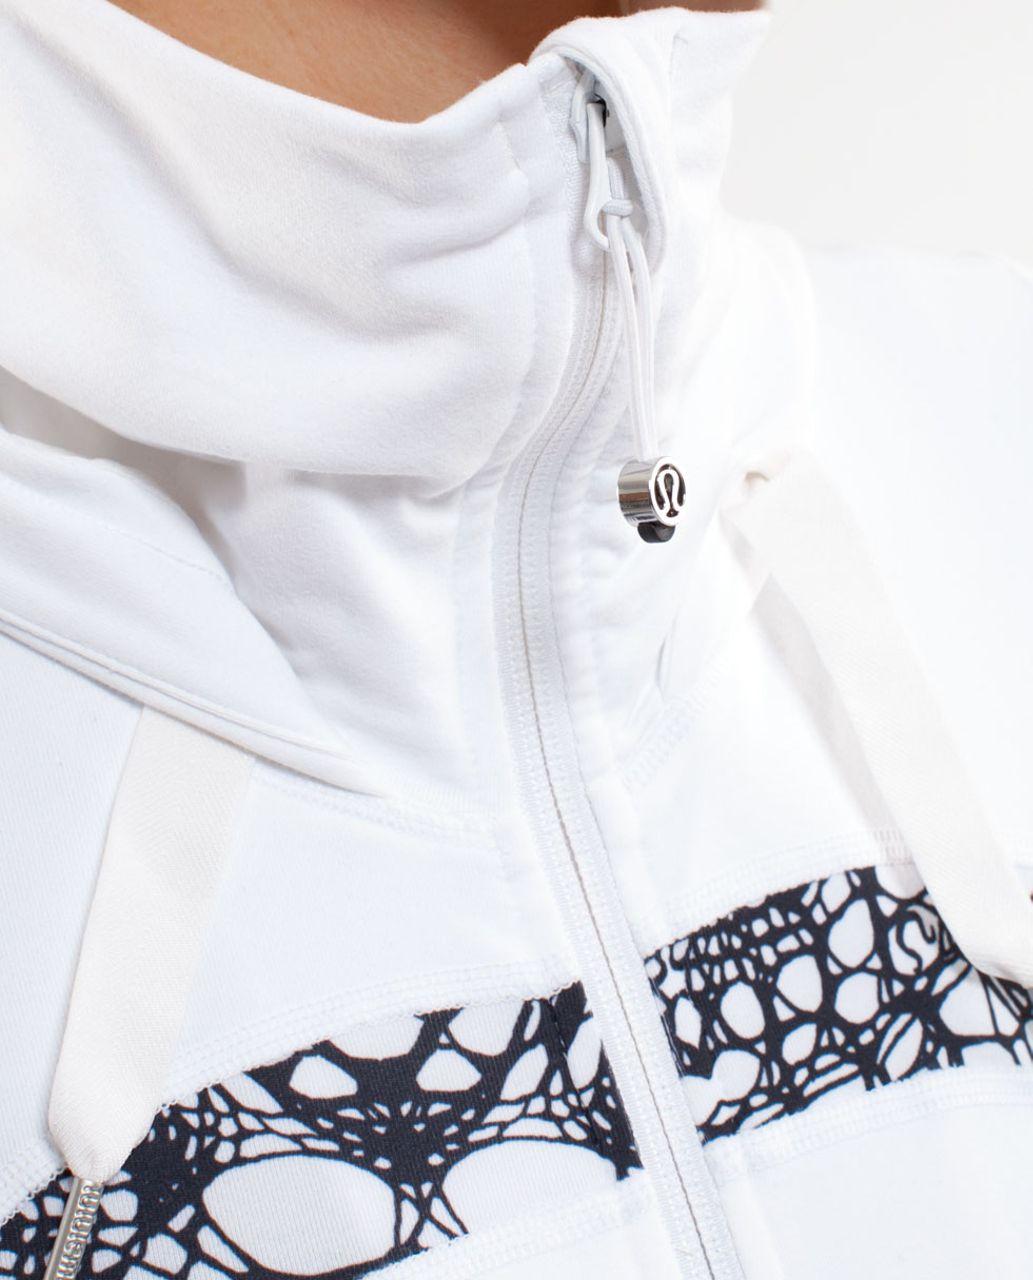 Lululemon Stride Jacket *Brushed - White /  White Black Glacier Lace